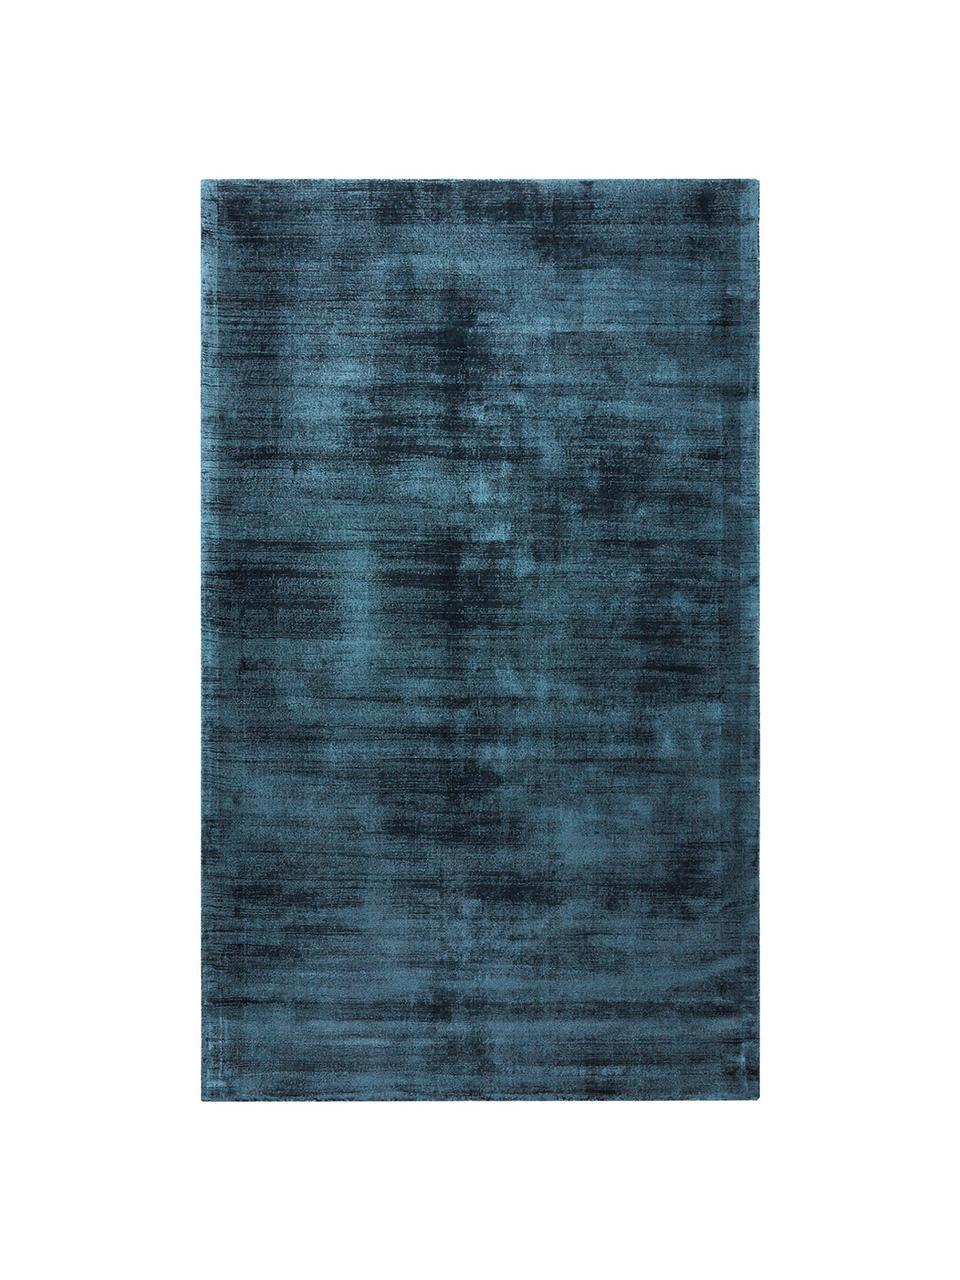 Tappeto in viscosa blu scuro tessuto a mano Jane, Retro: 100% cotone, Blu scuro, Larg.160 x Lung. 230 cm  (taglia M)